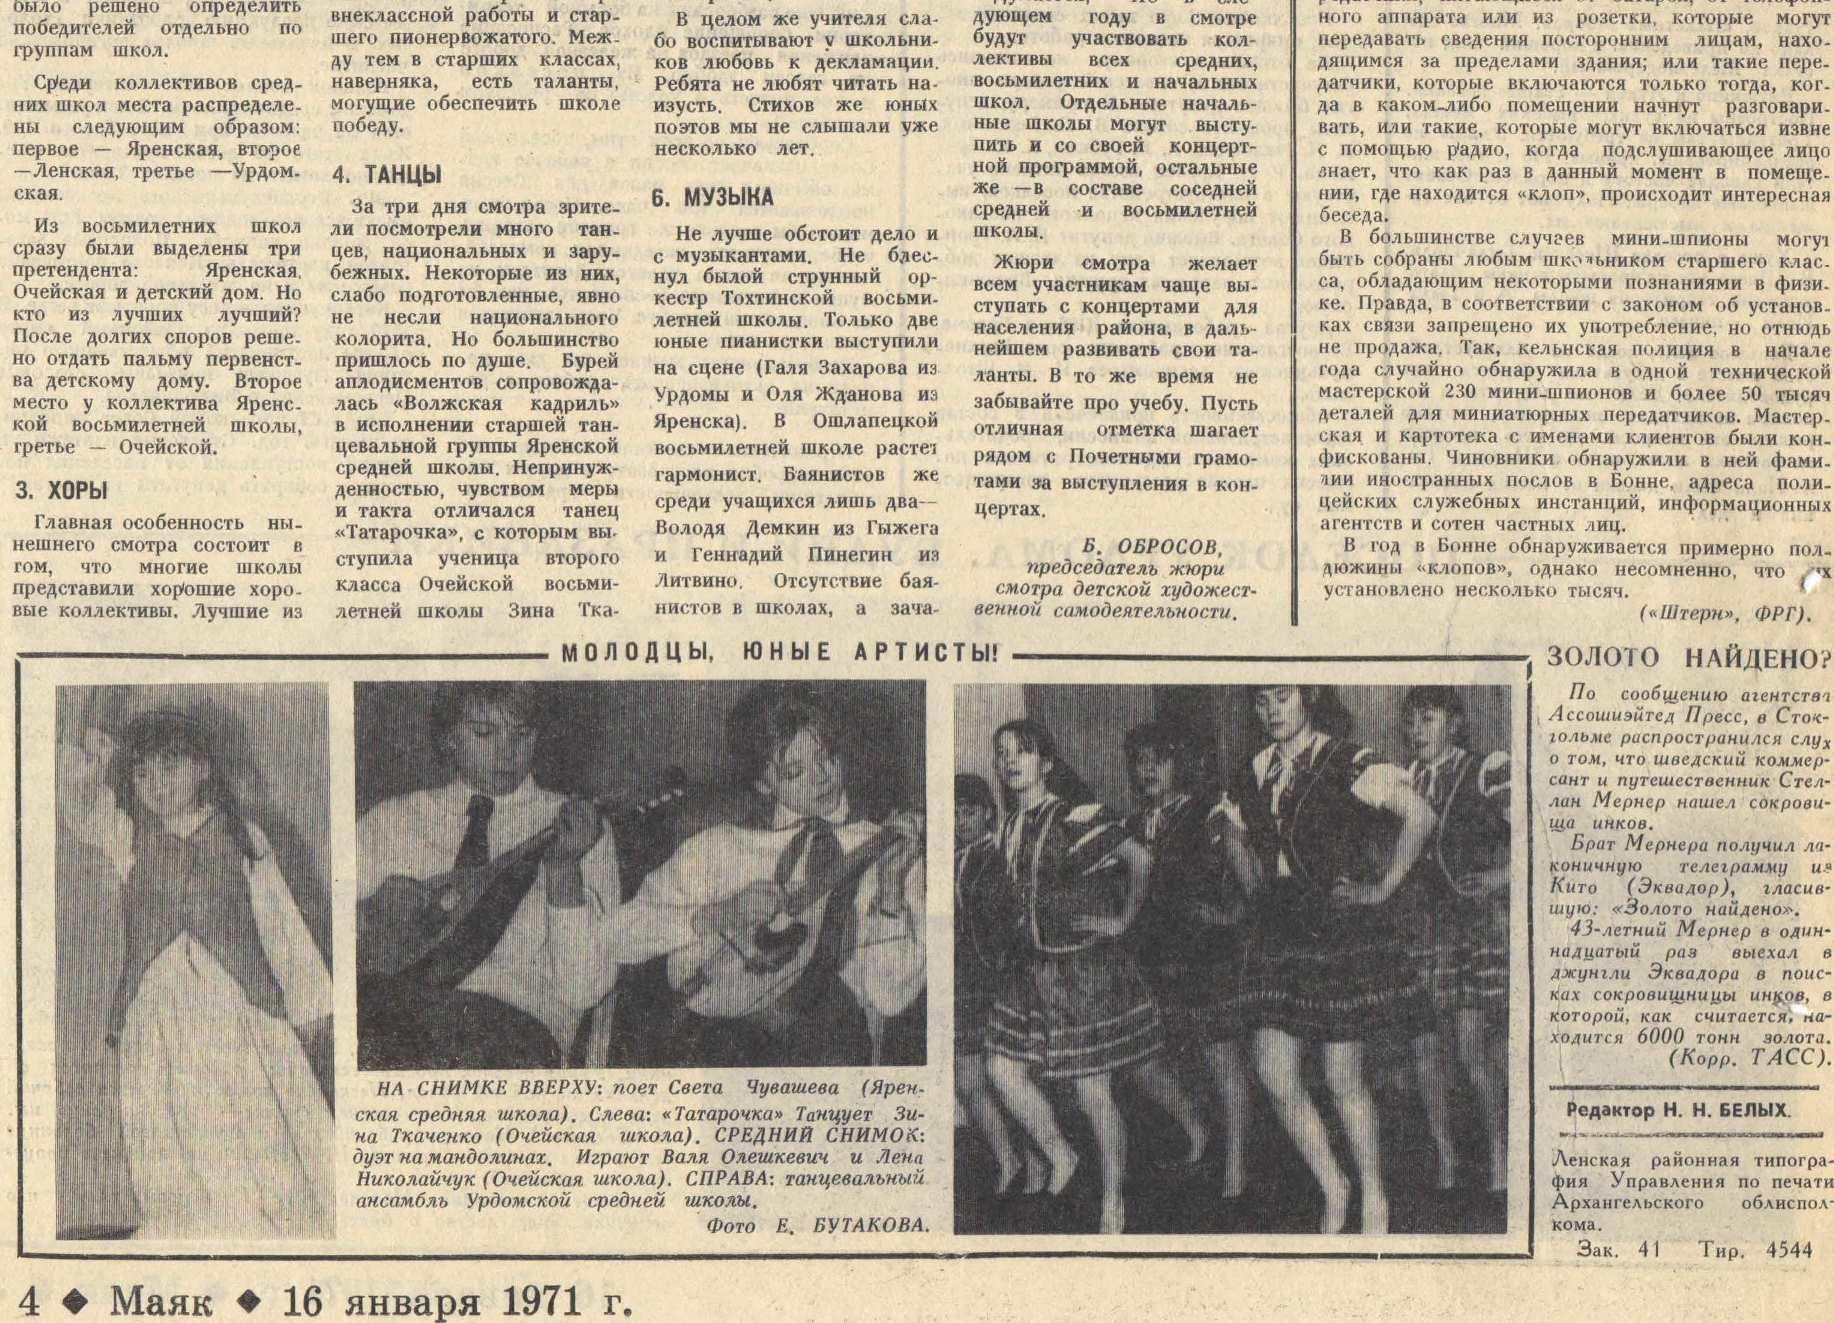 Маяк 16.01.1971 Урдомский поссовет. Почетная грамота (8)